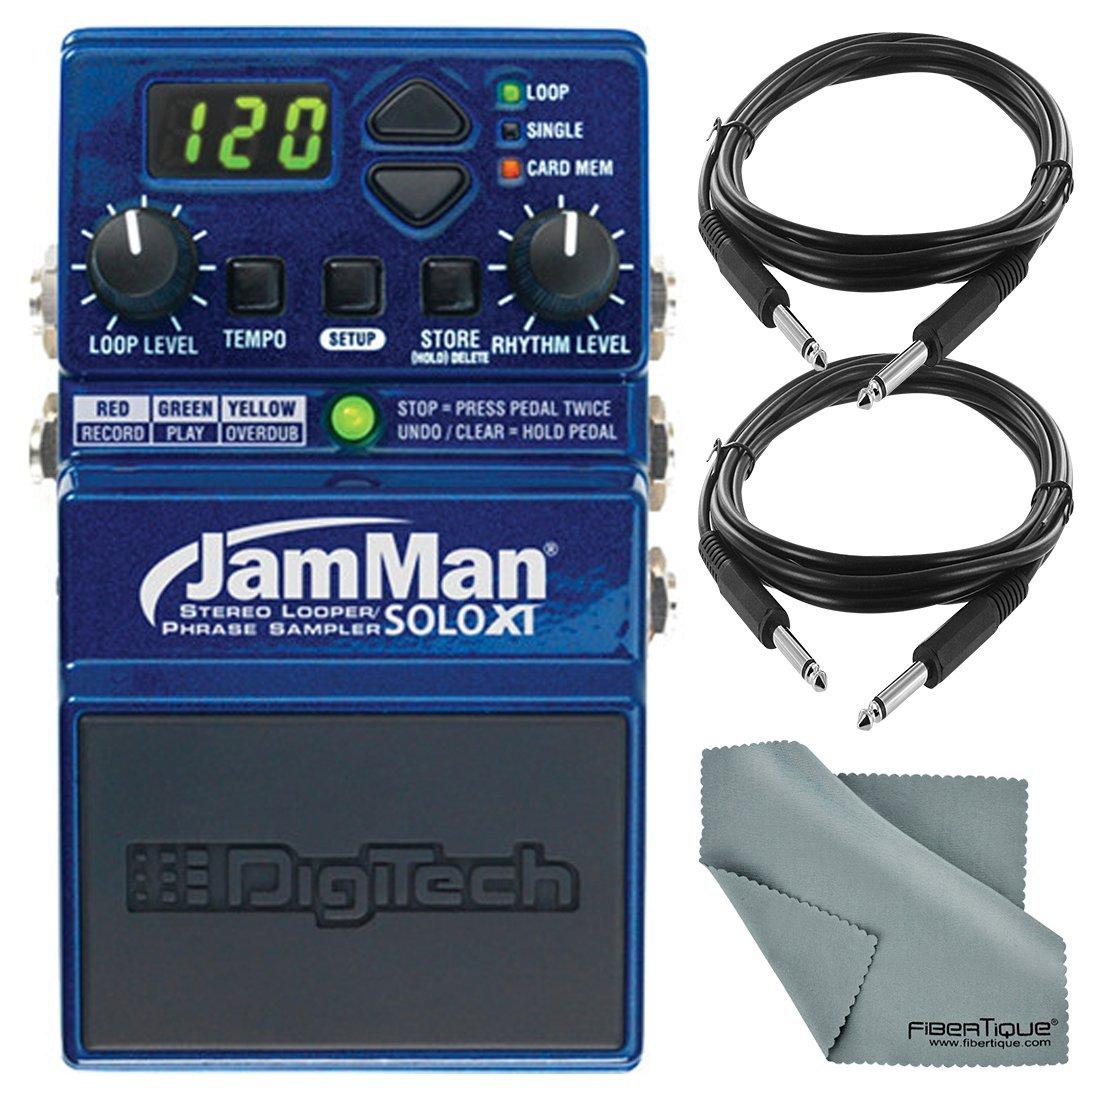 Digitech Jamman Driver For Mac